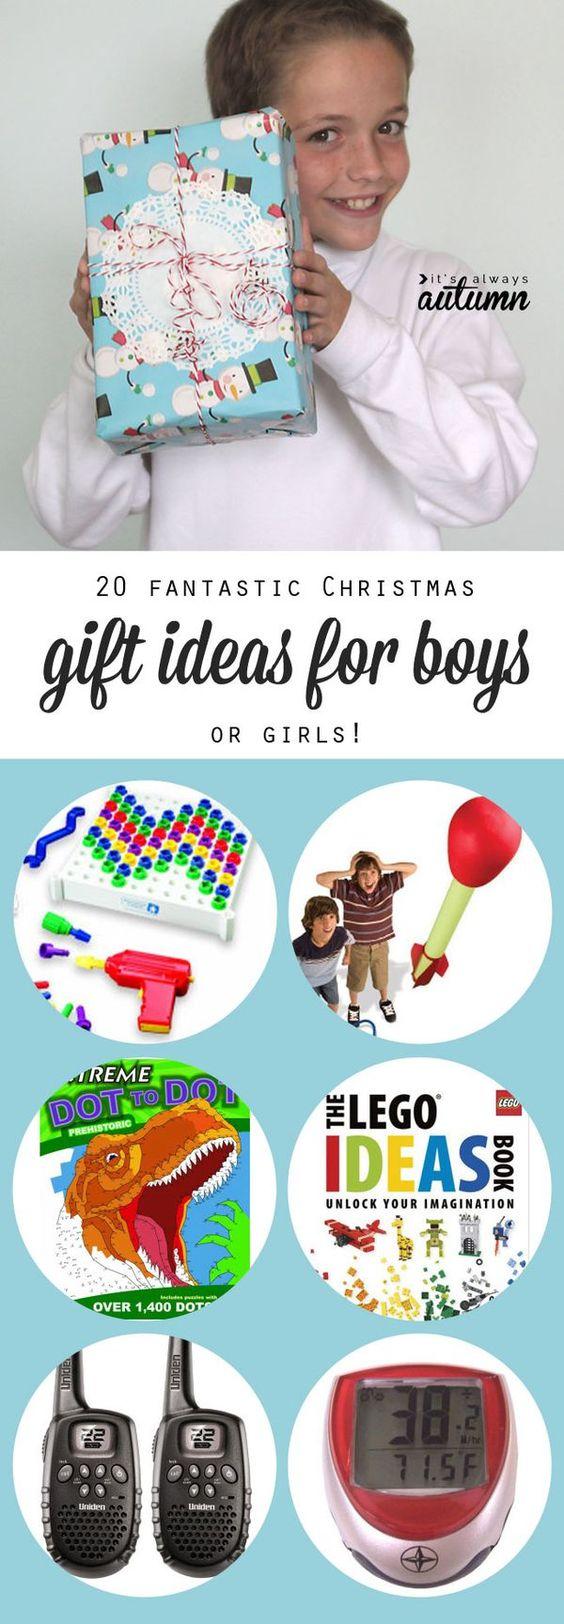 20 best Christmas gift ideas for boys | Pinterest | 2016 ...